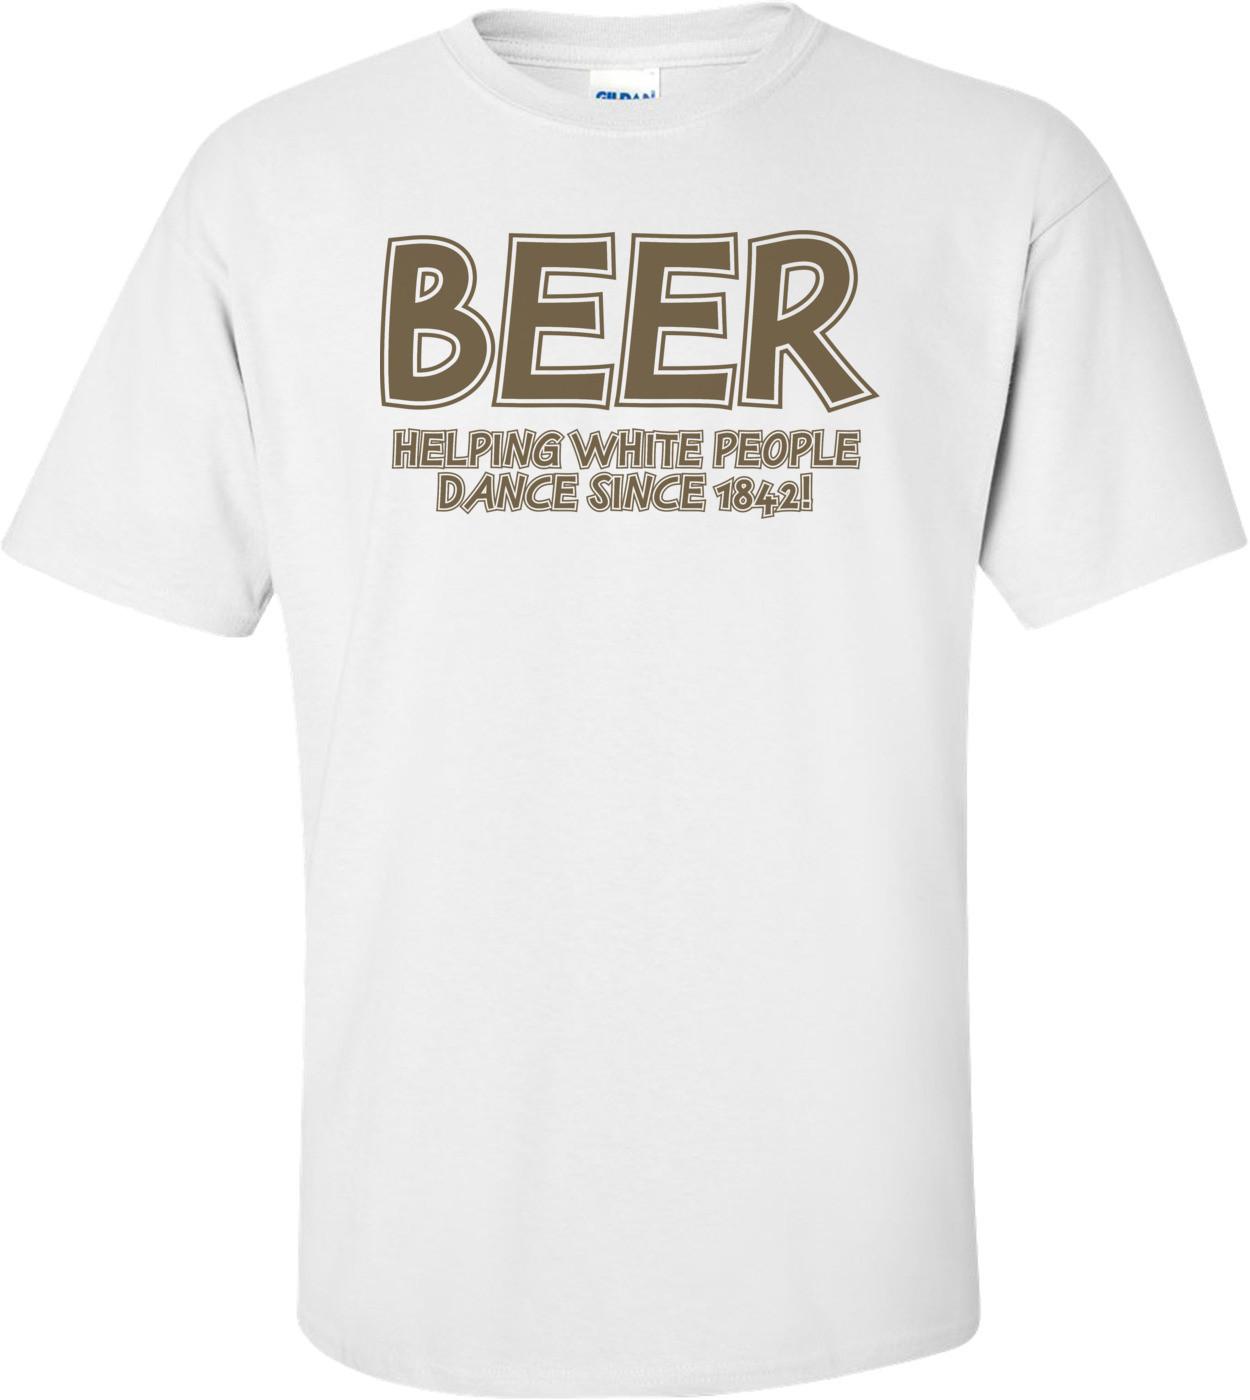 Beer Helping White People Dance